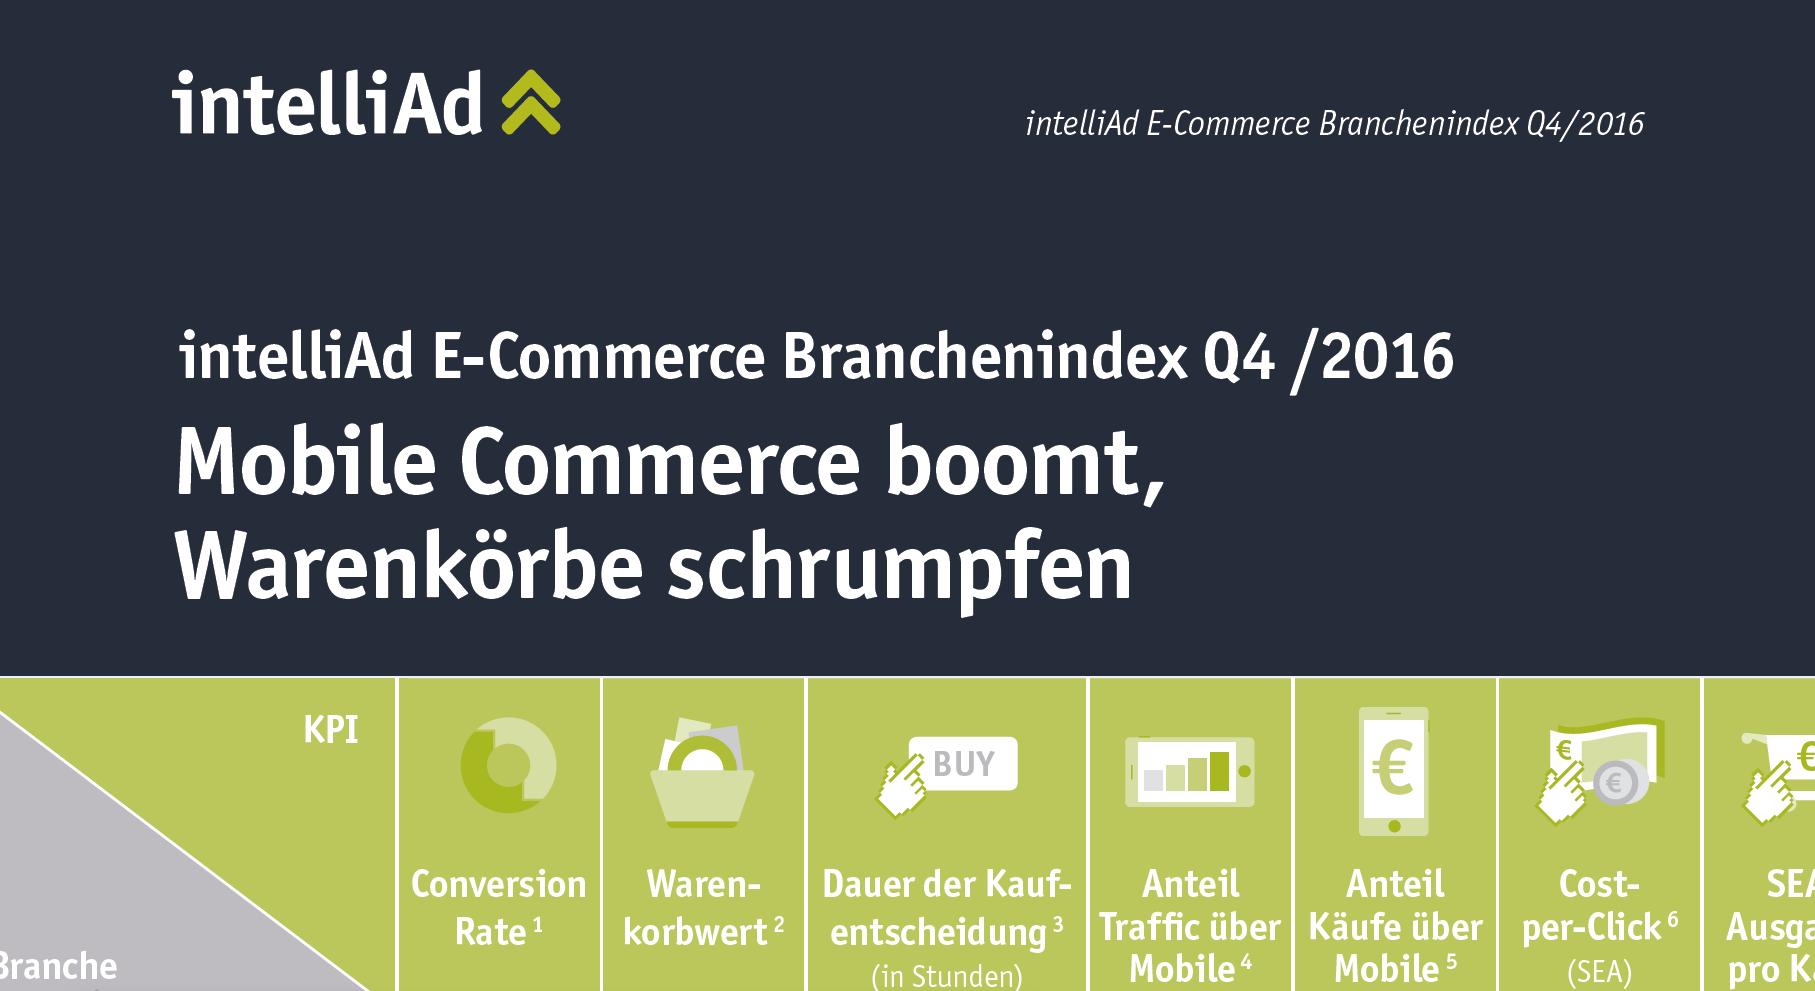 E-Commerce Branchenindex Q4